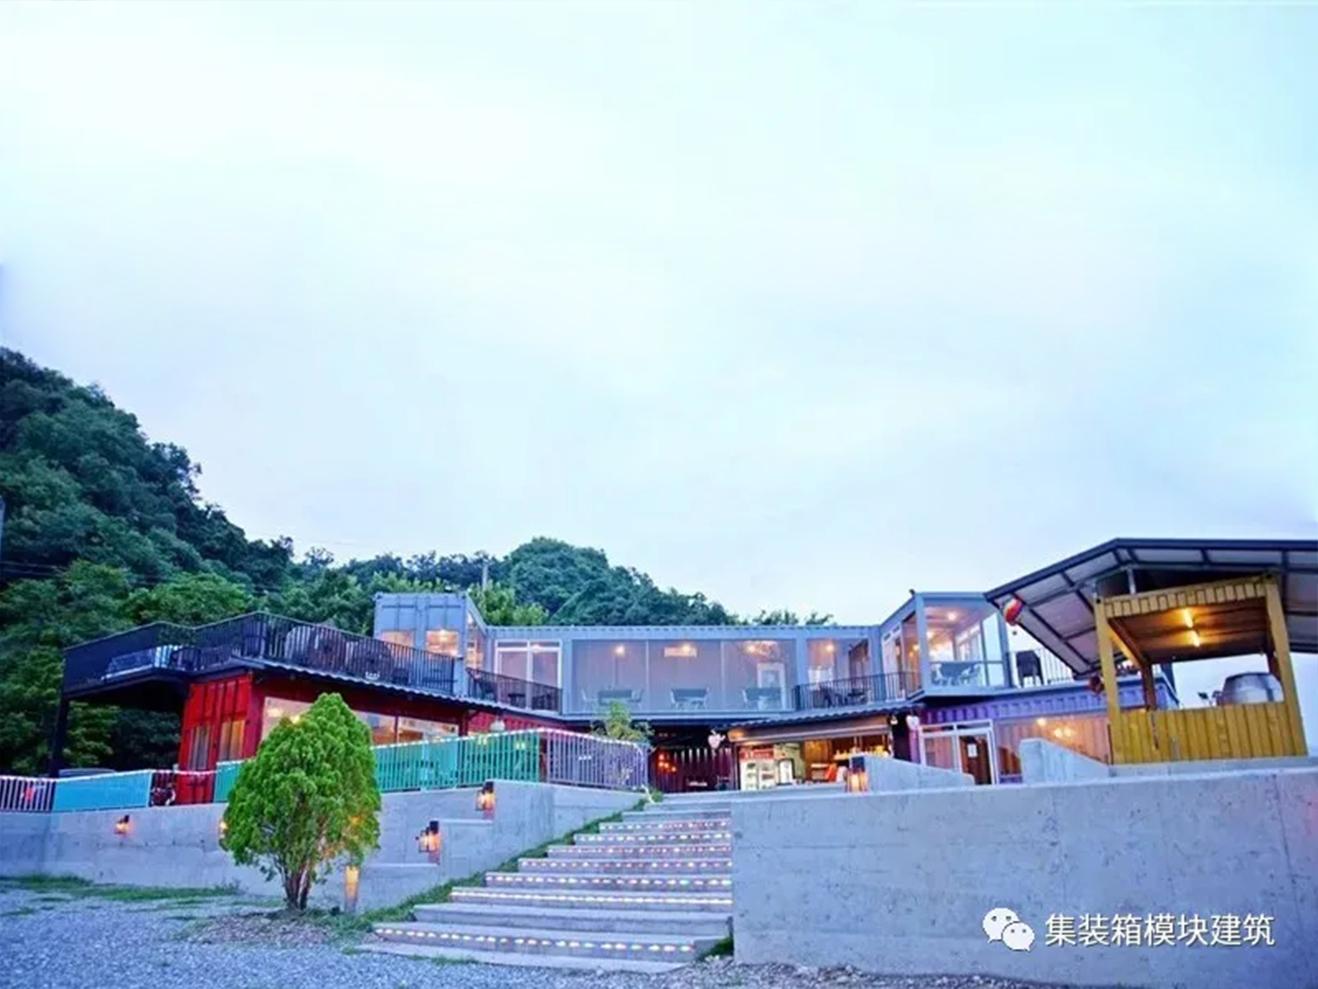 炫彩阶梯通向集装箱餐厅,享受无遮拦高地势全景景观!